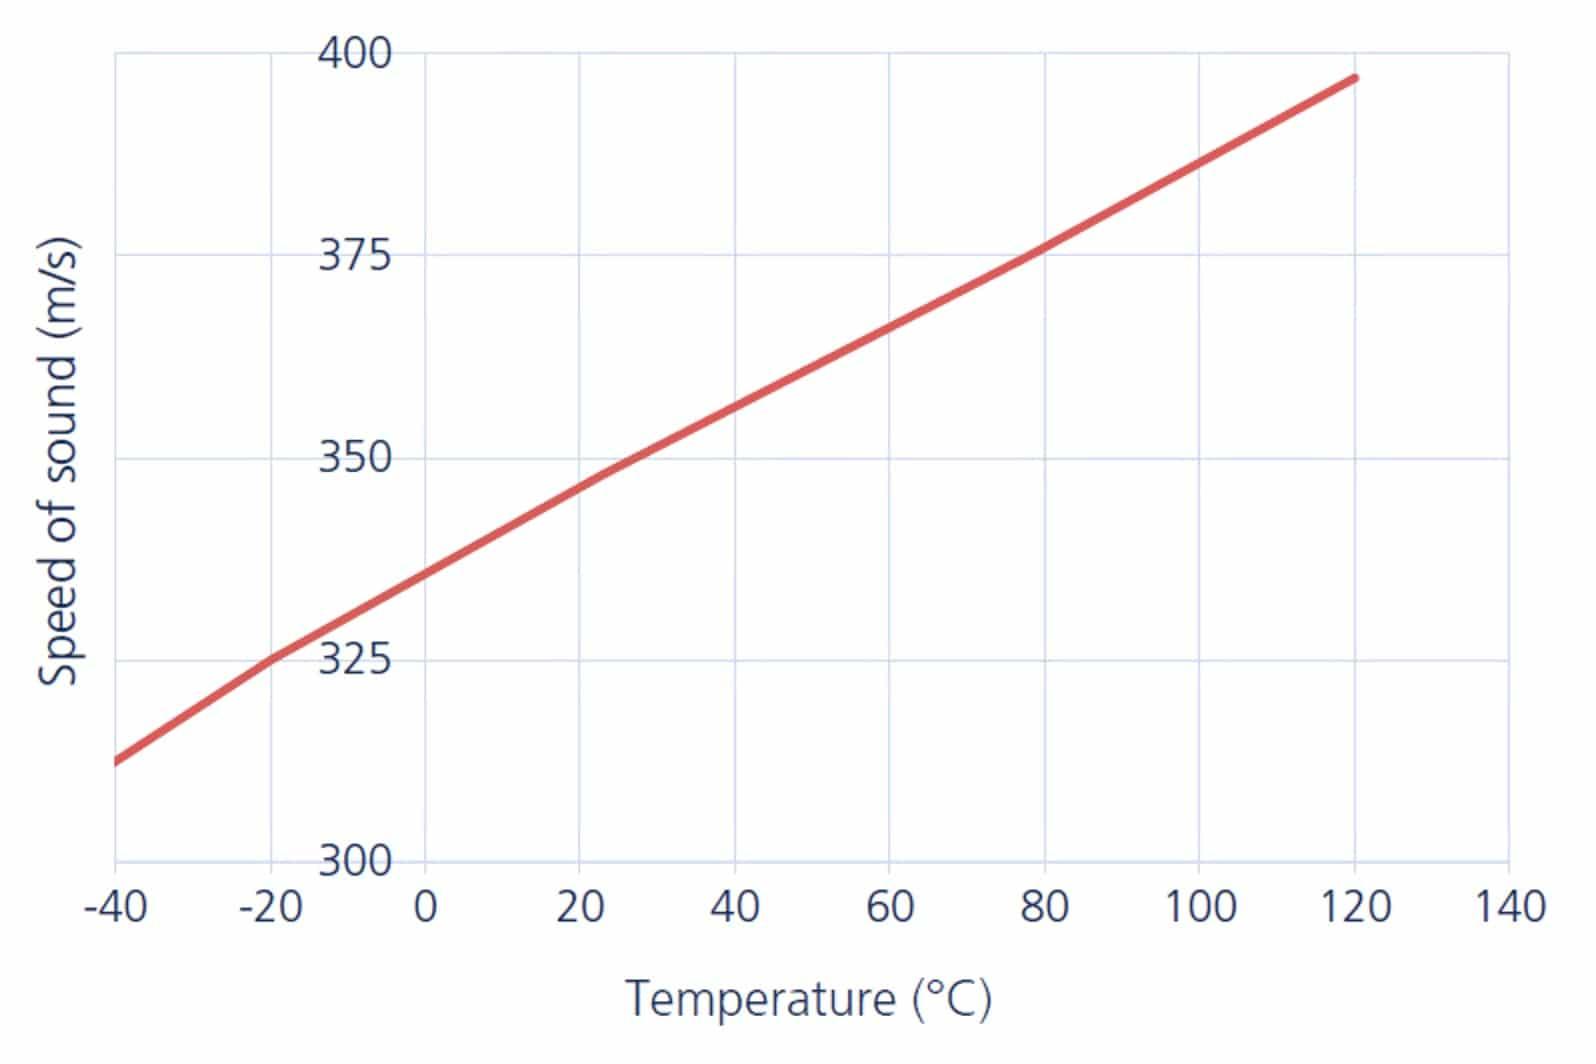 Snelheid van geluid in relatie tot de omgevingstemperatuur